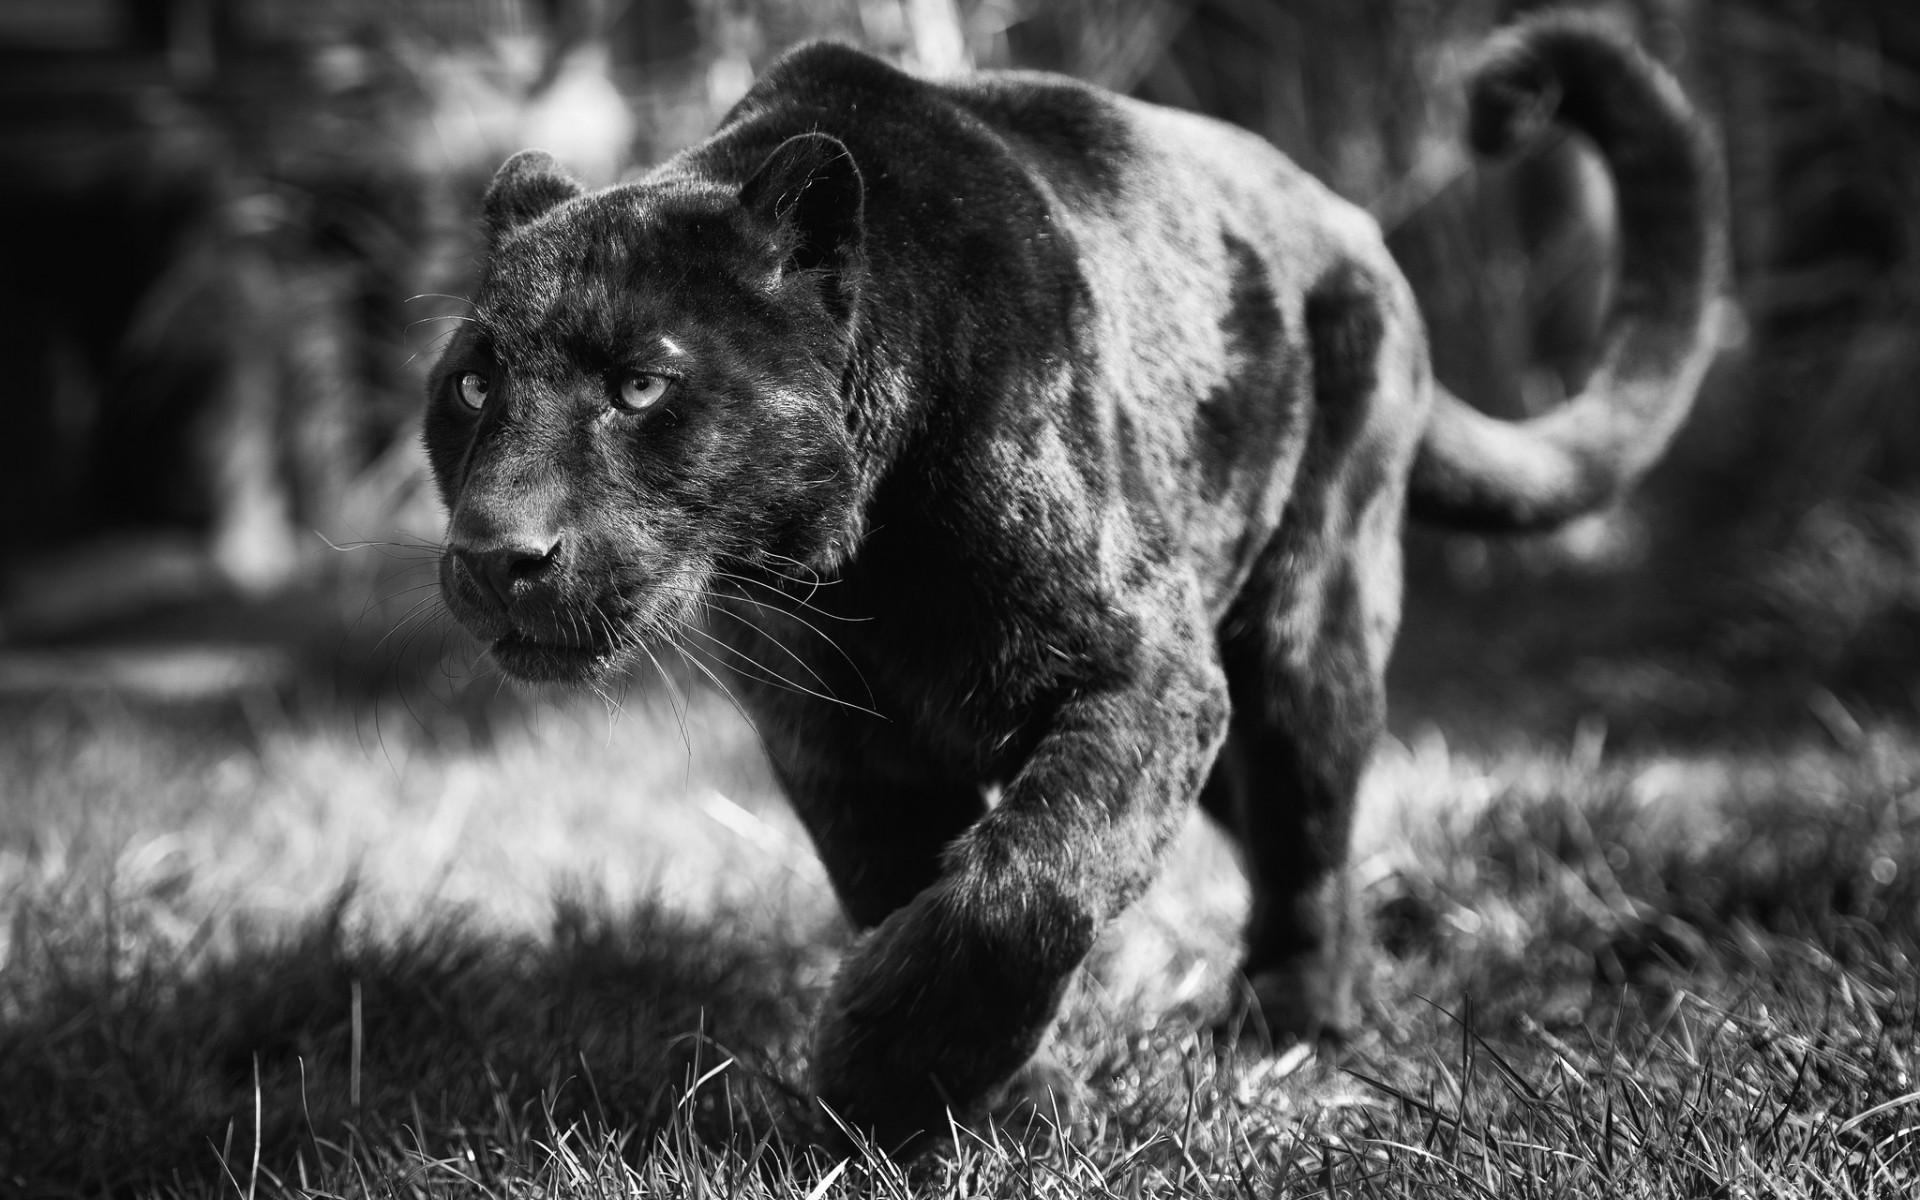 monochrome black panther wallpaper 52629